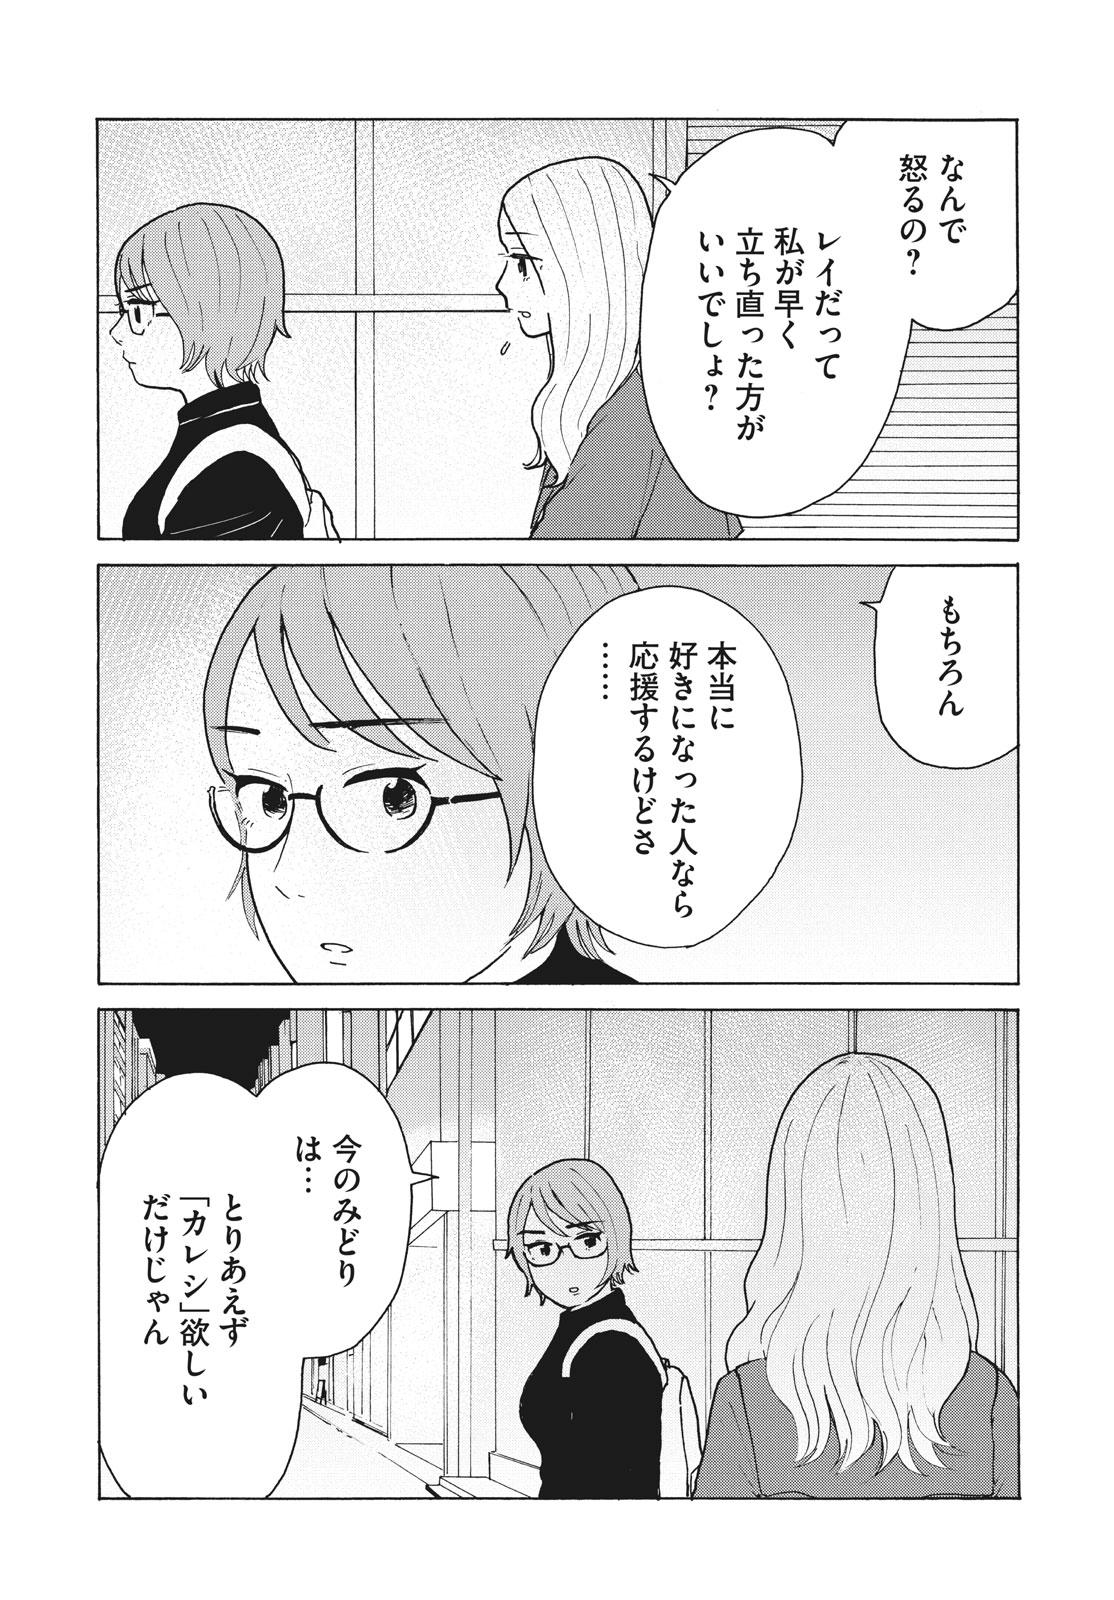 006_30日_2020_011_E.jpg